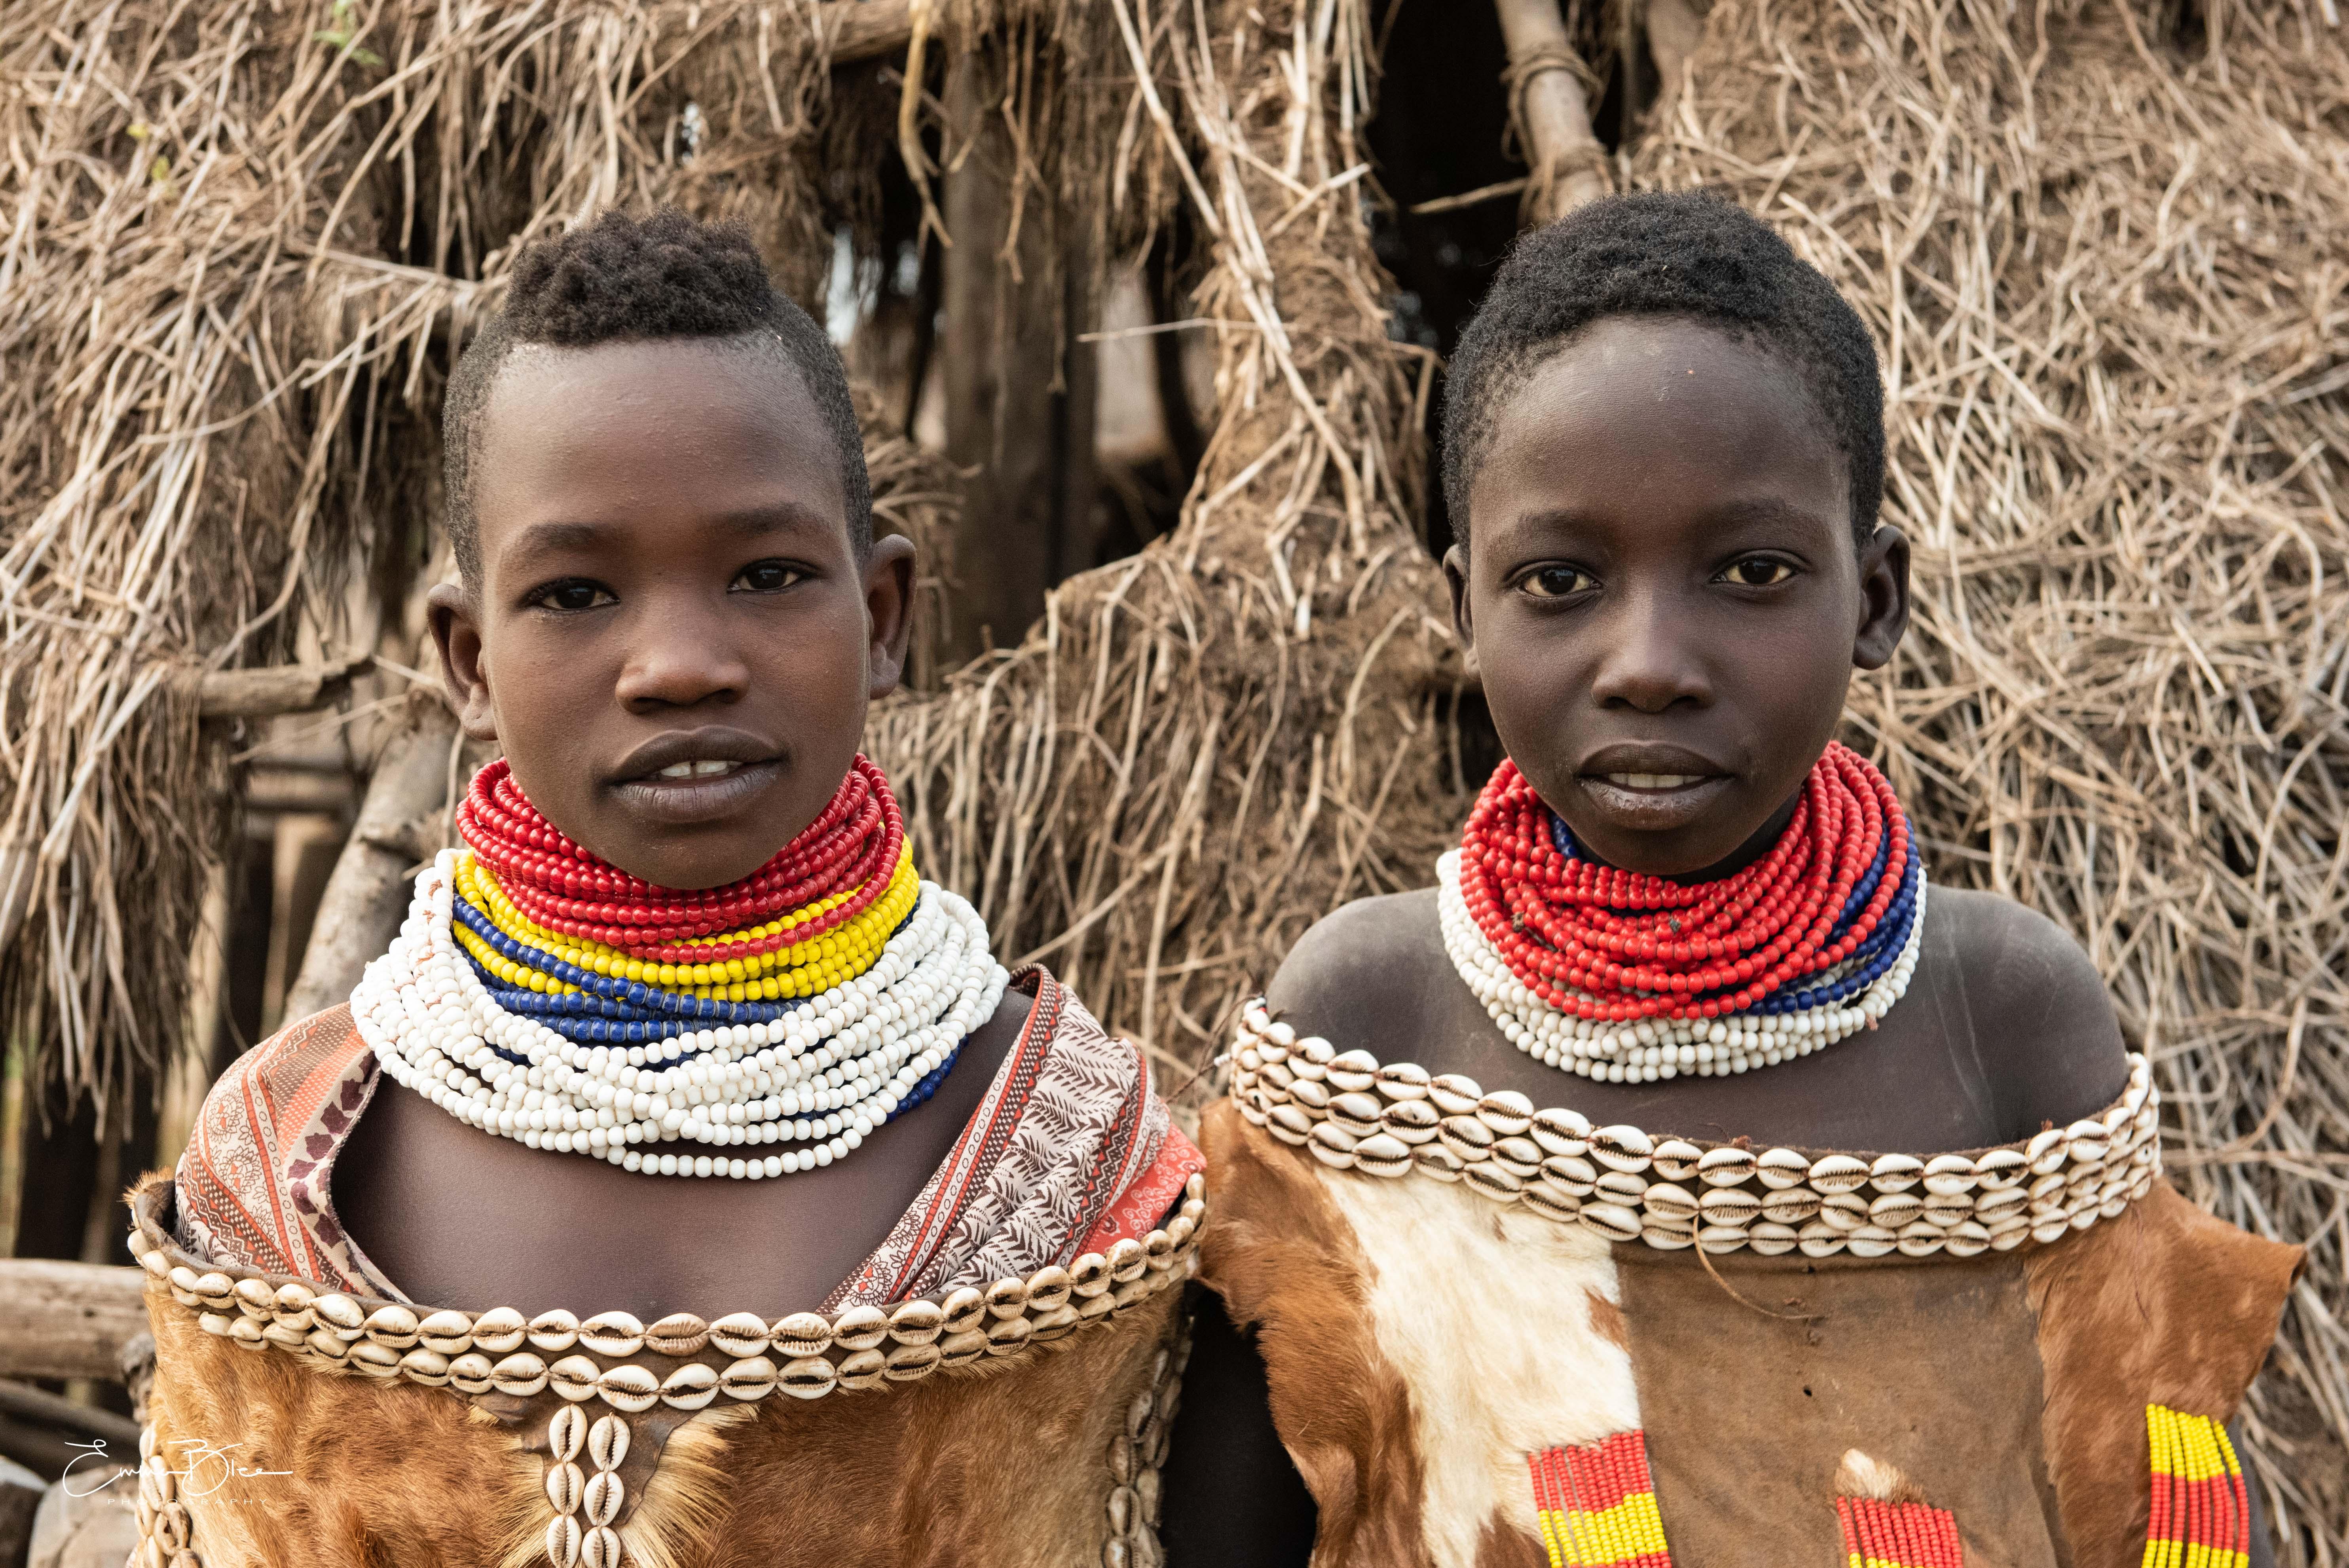 EB_20_01_13_Ethiopia_3320